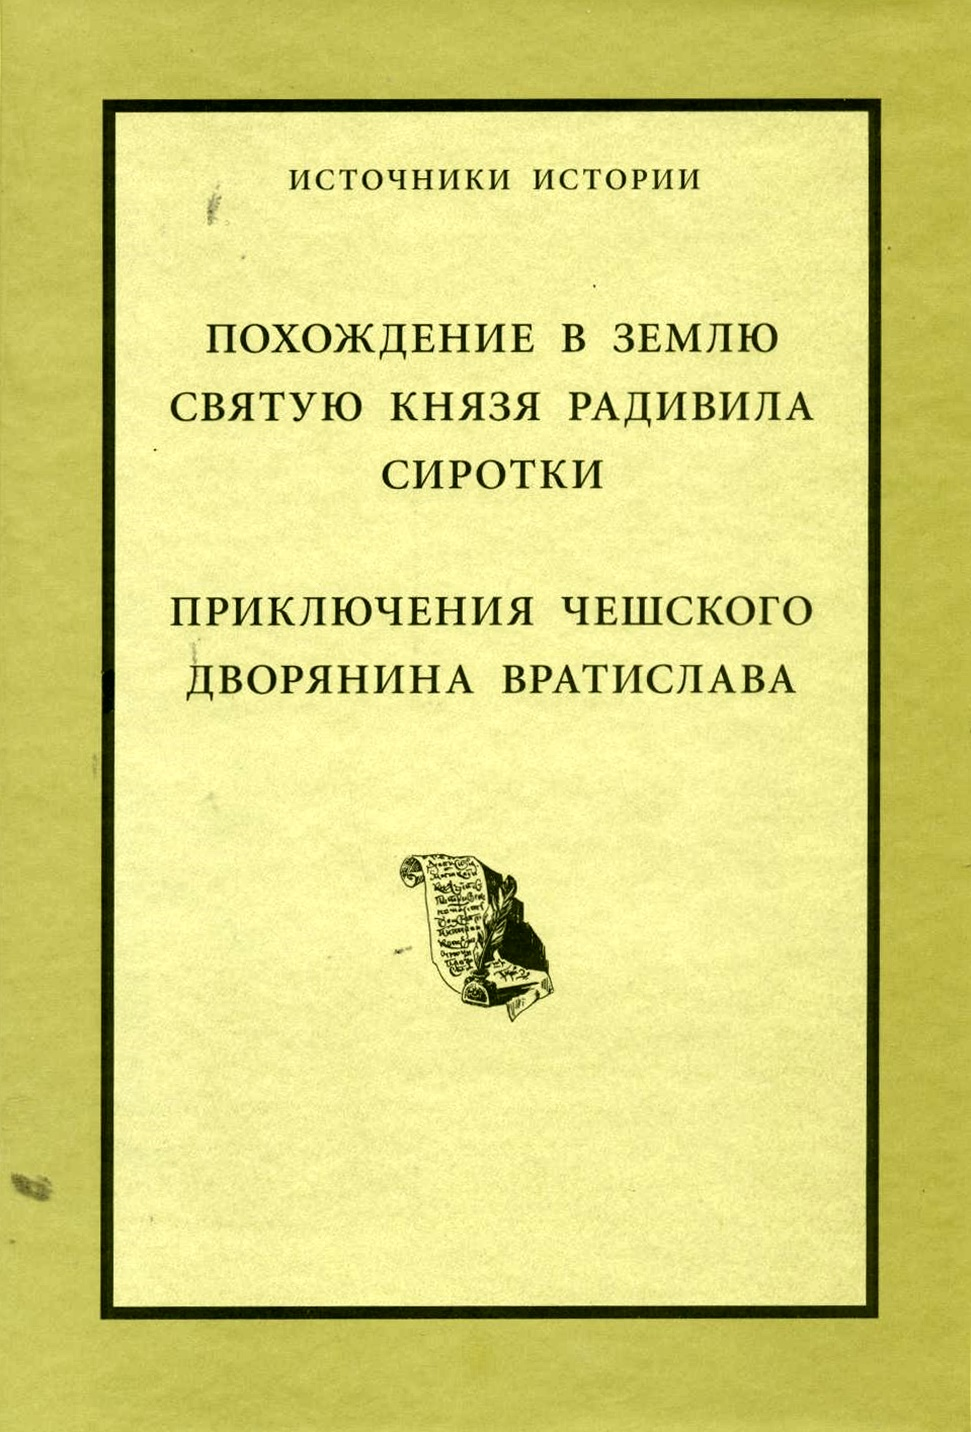 Похождение в Землю Святую князя Радивила Сиротки. Приключения чешского дворянина Вратислава